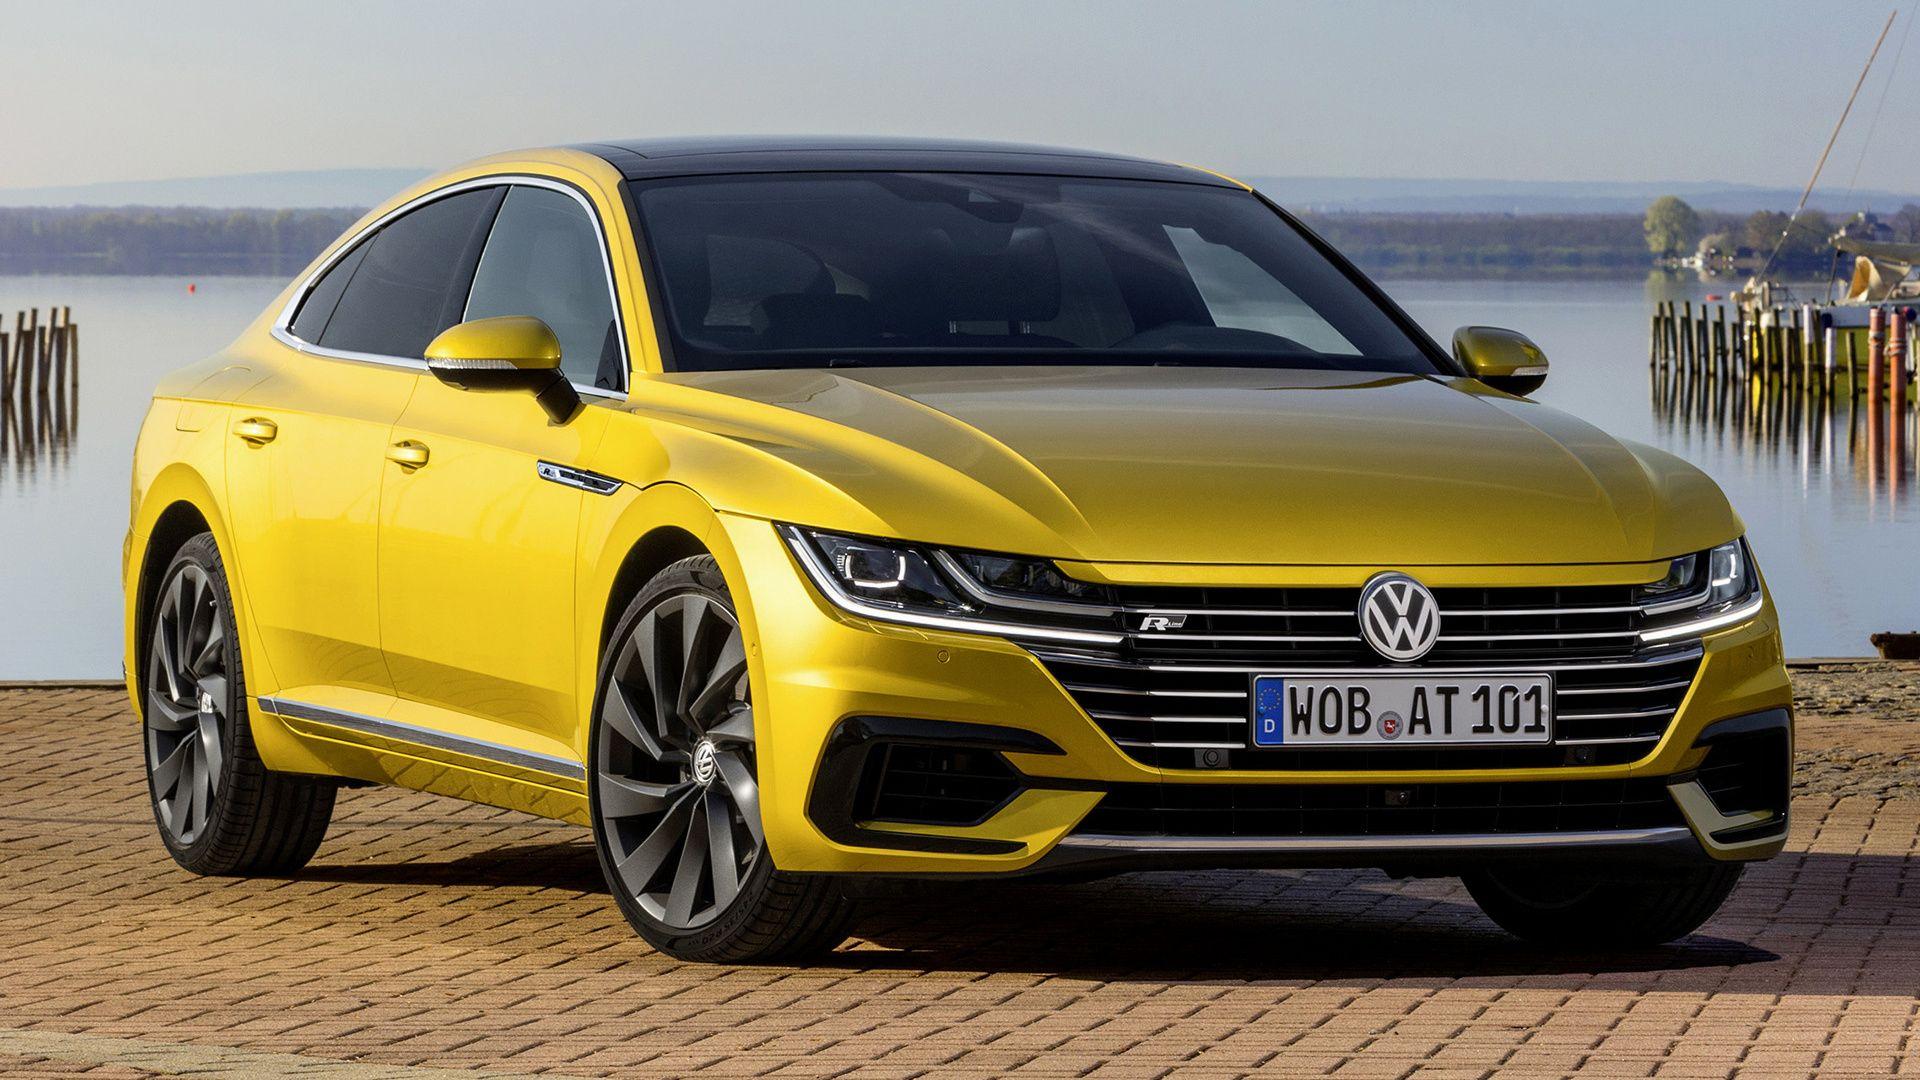 Volkswagen Arteon R Line Wallpaper Hd Resolution Volkswagen Cc Volkswagen Scirocco Volkswagen